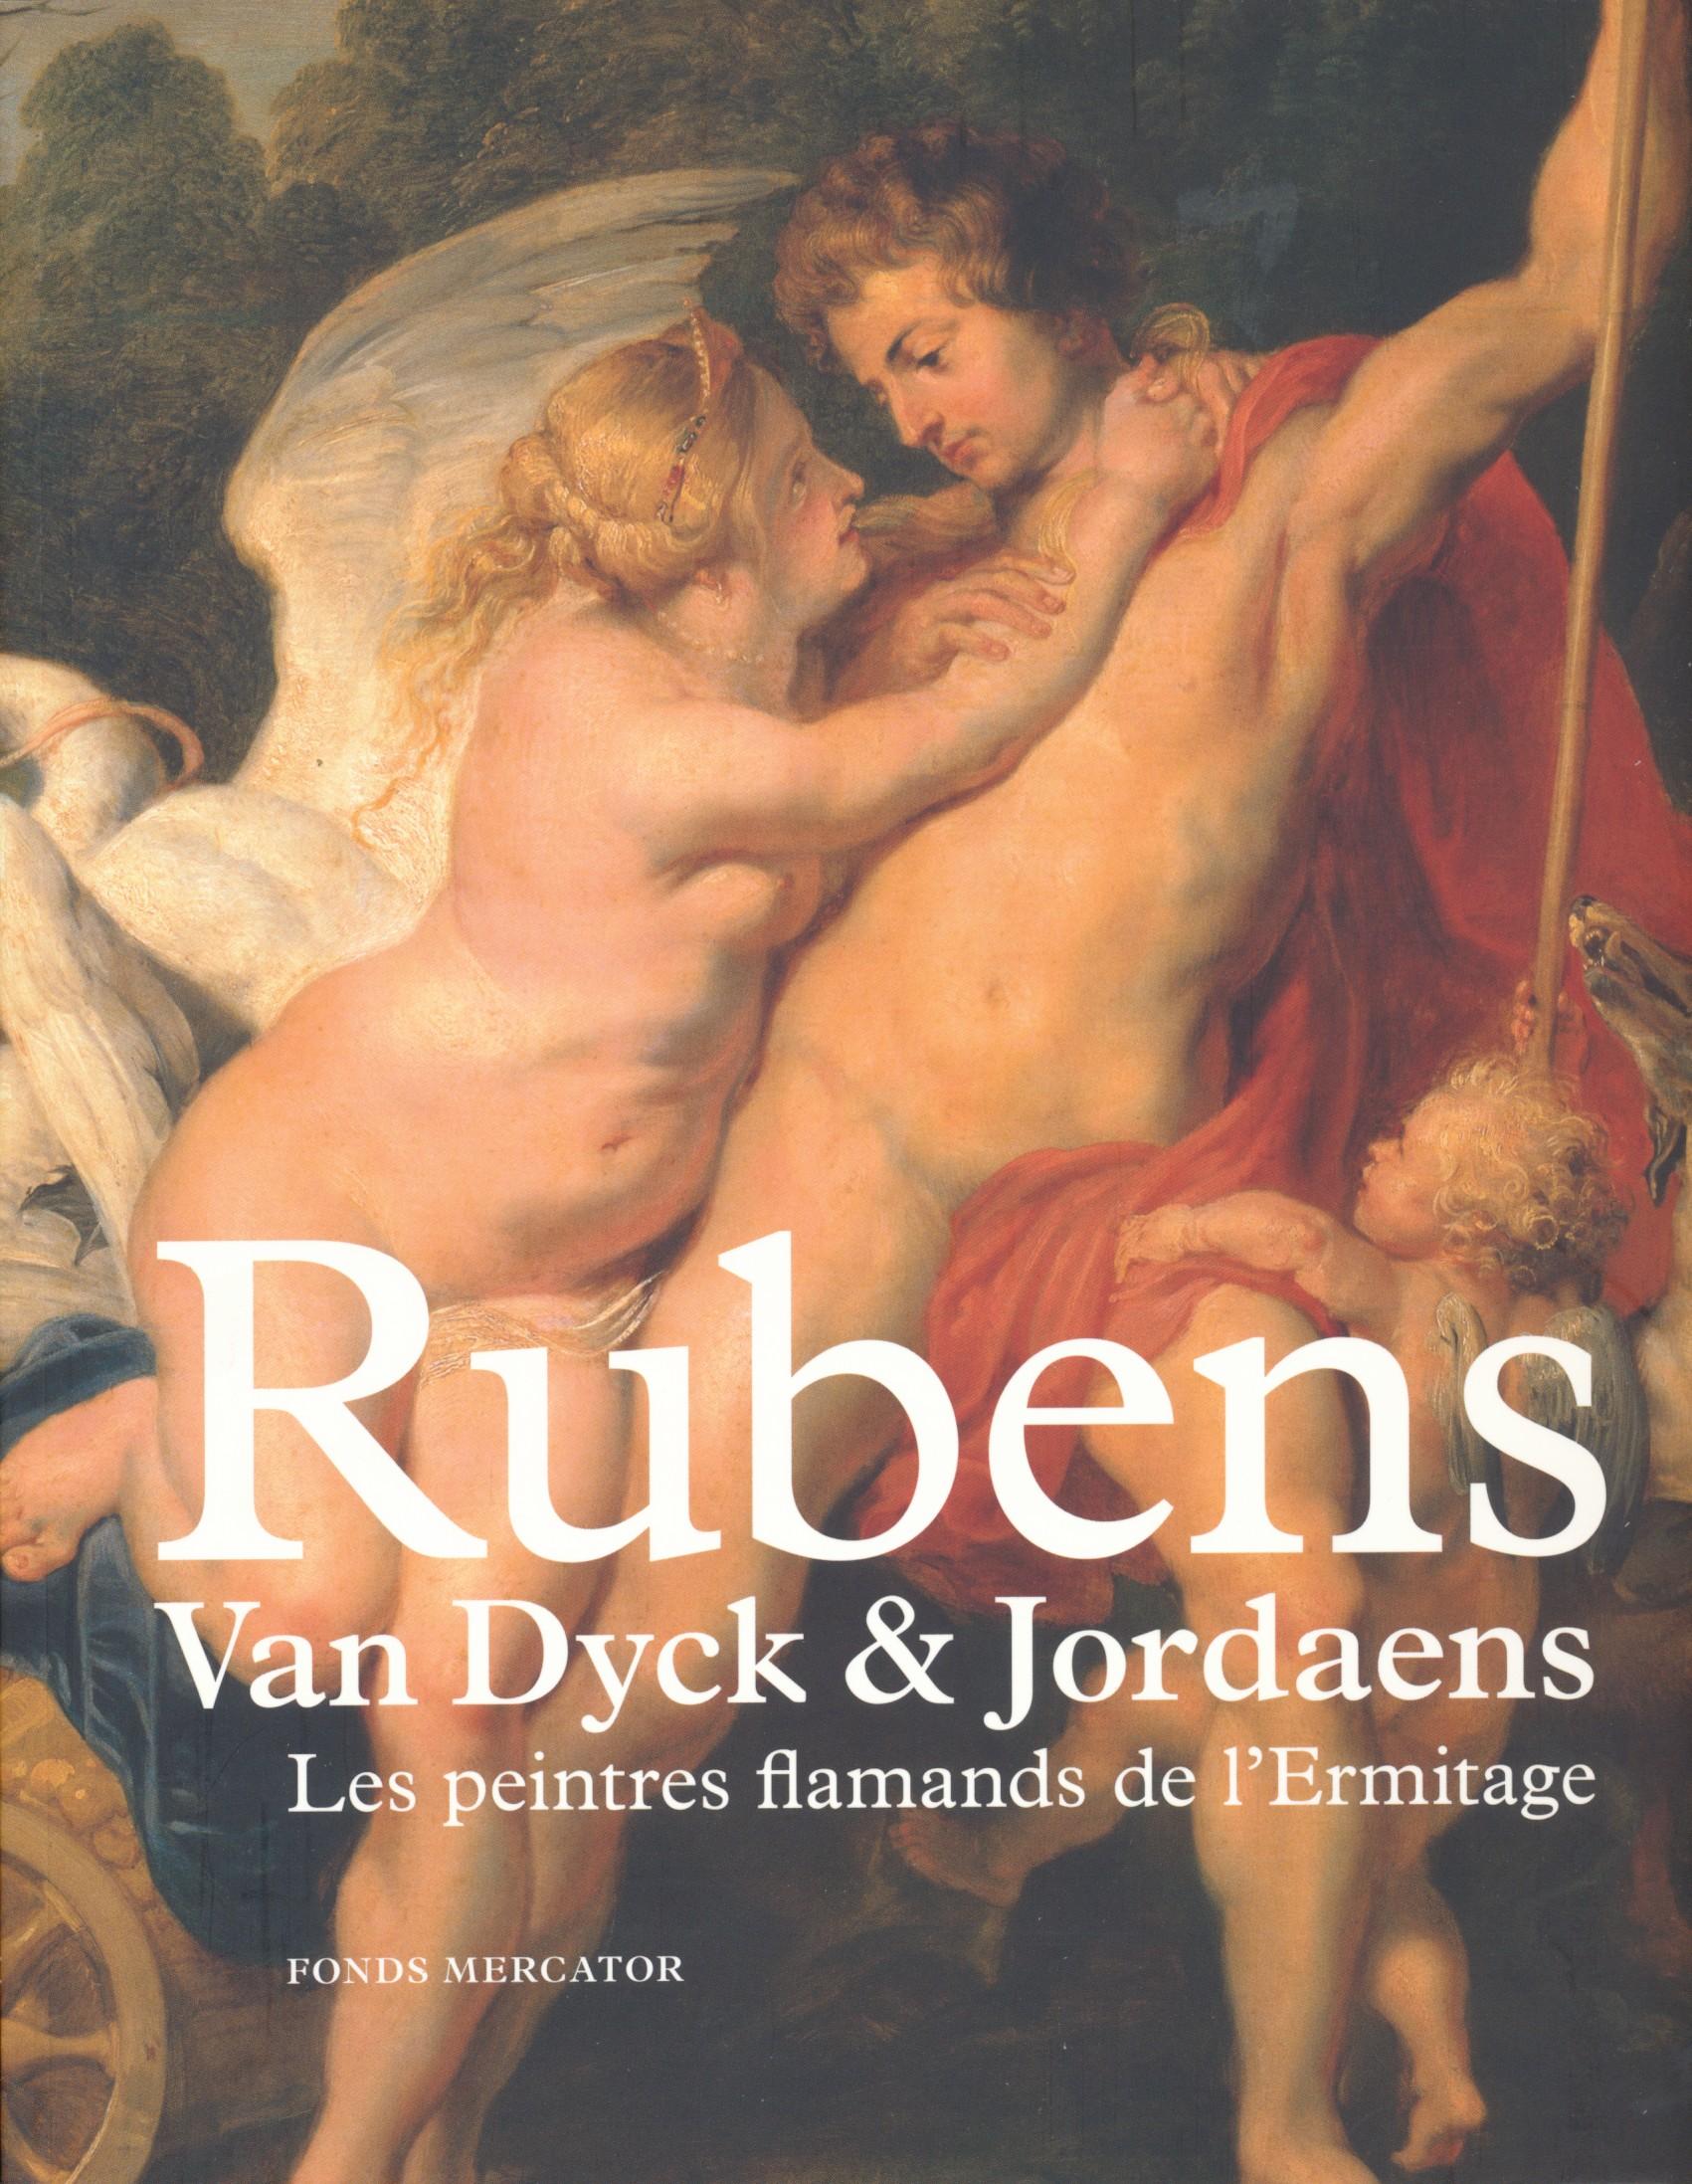 """Résultat de recherche d'images pour """"fonds mercator rubens van dyck et jordaens les peintres flamands de l'ermitage"""""""